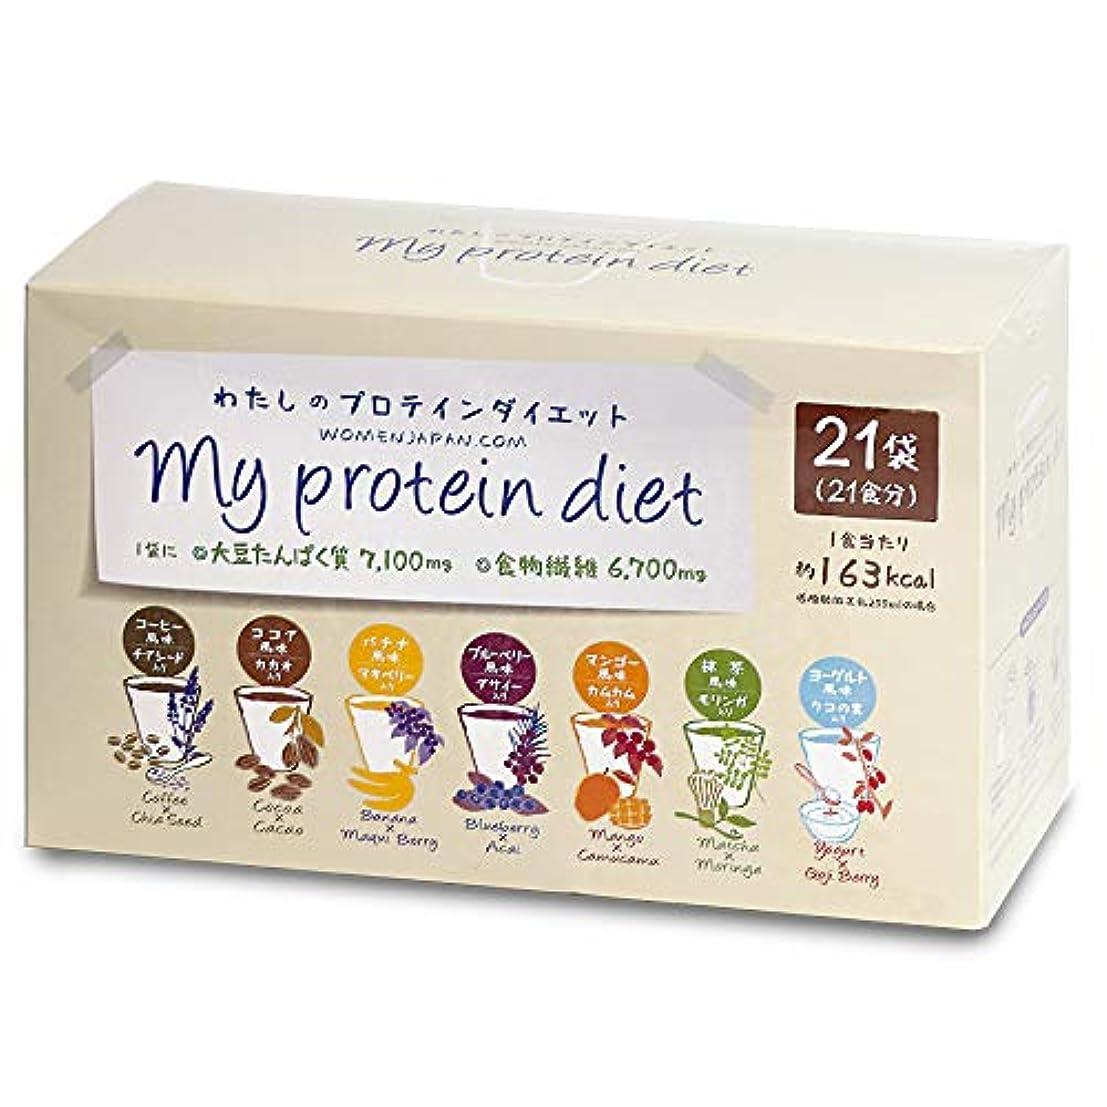 ライム猫背略すわたしのプロテインダイエット 21食セット 1食置き換えダイエットシェイク 低糖質